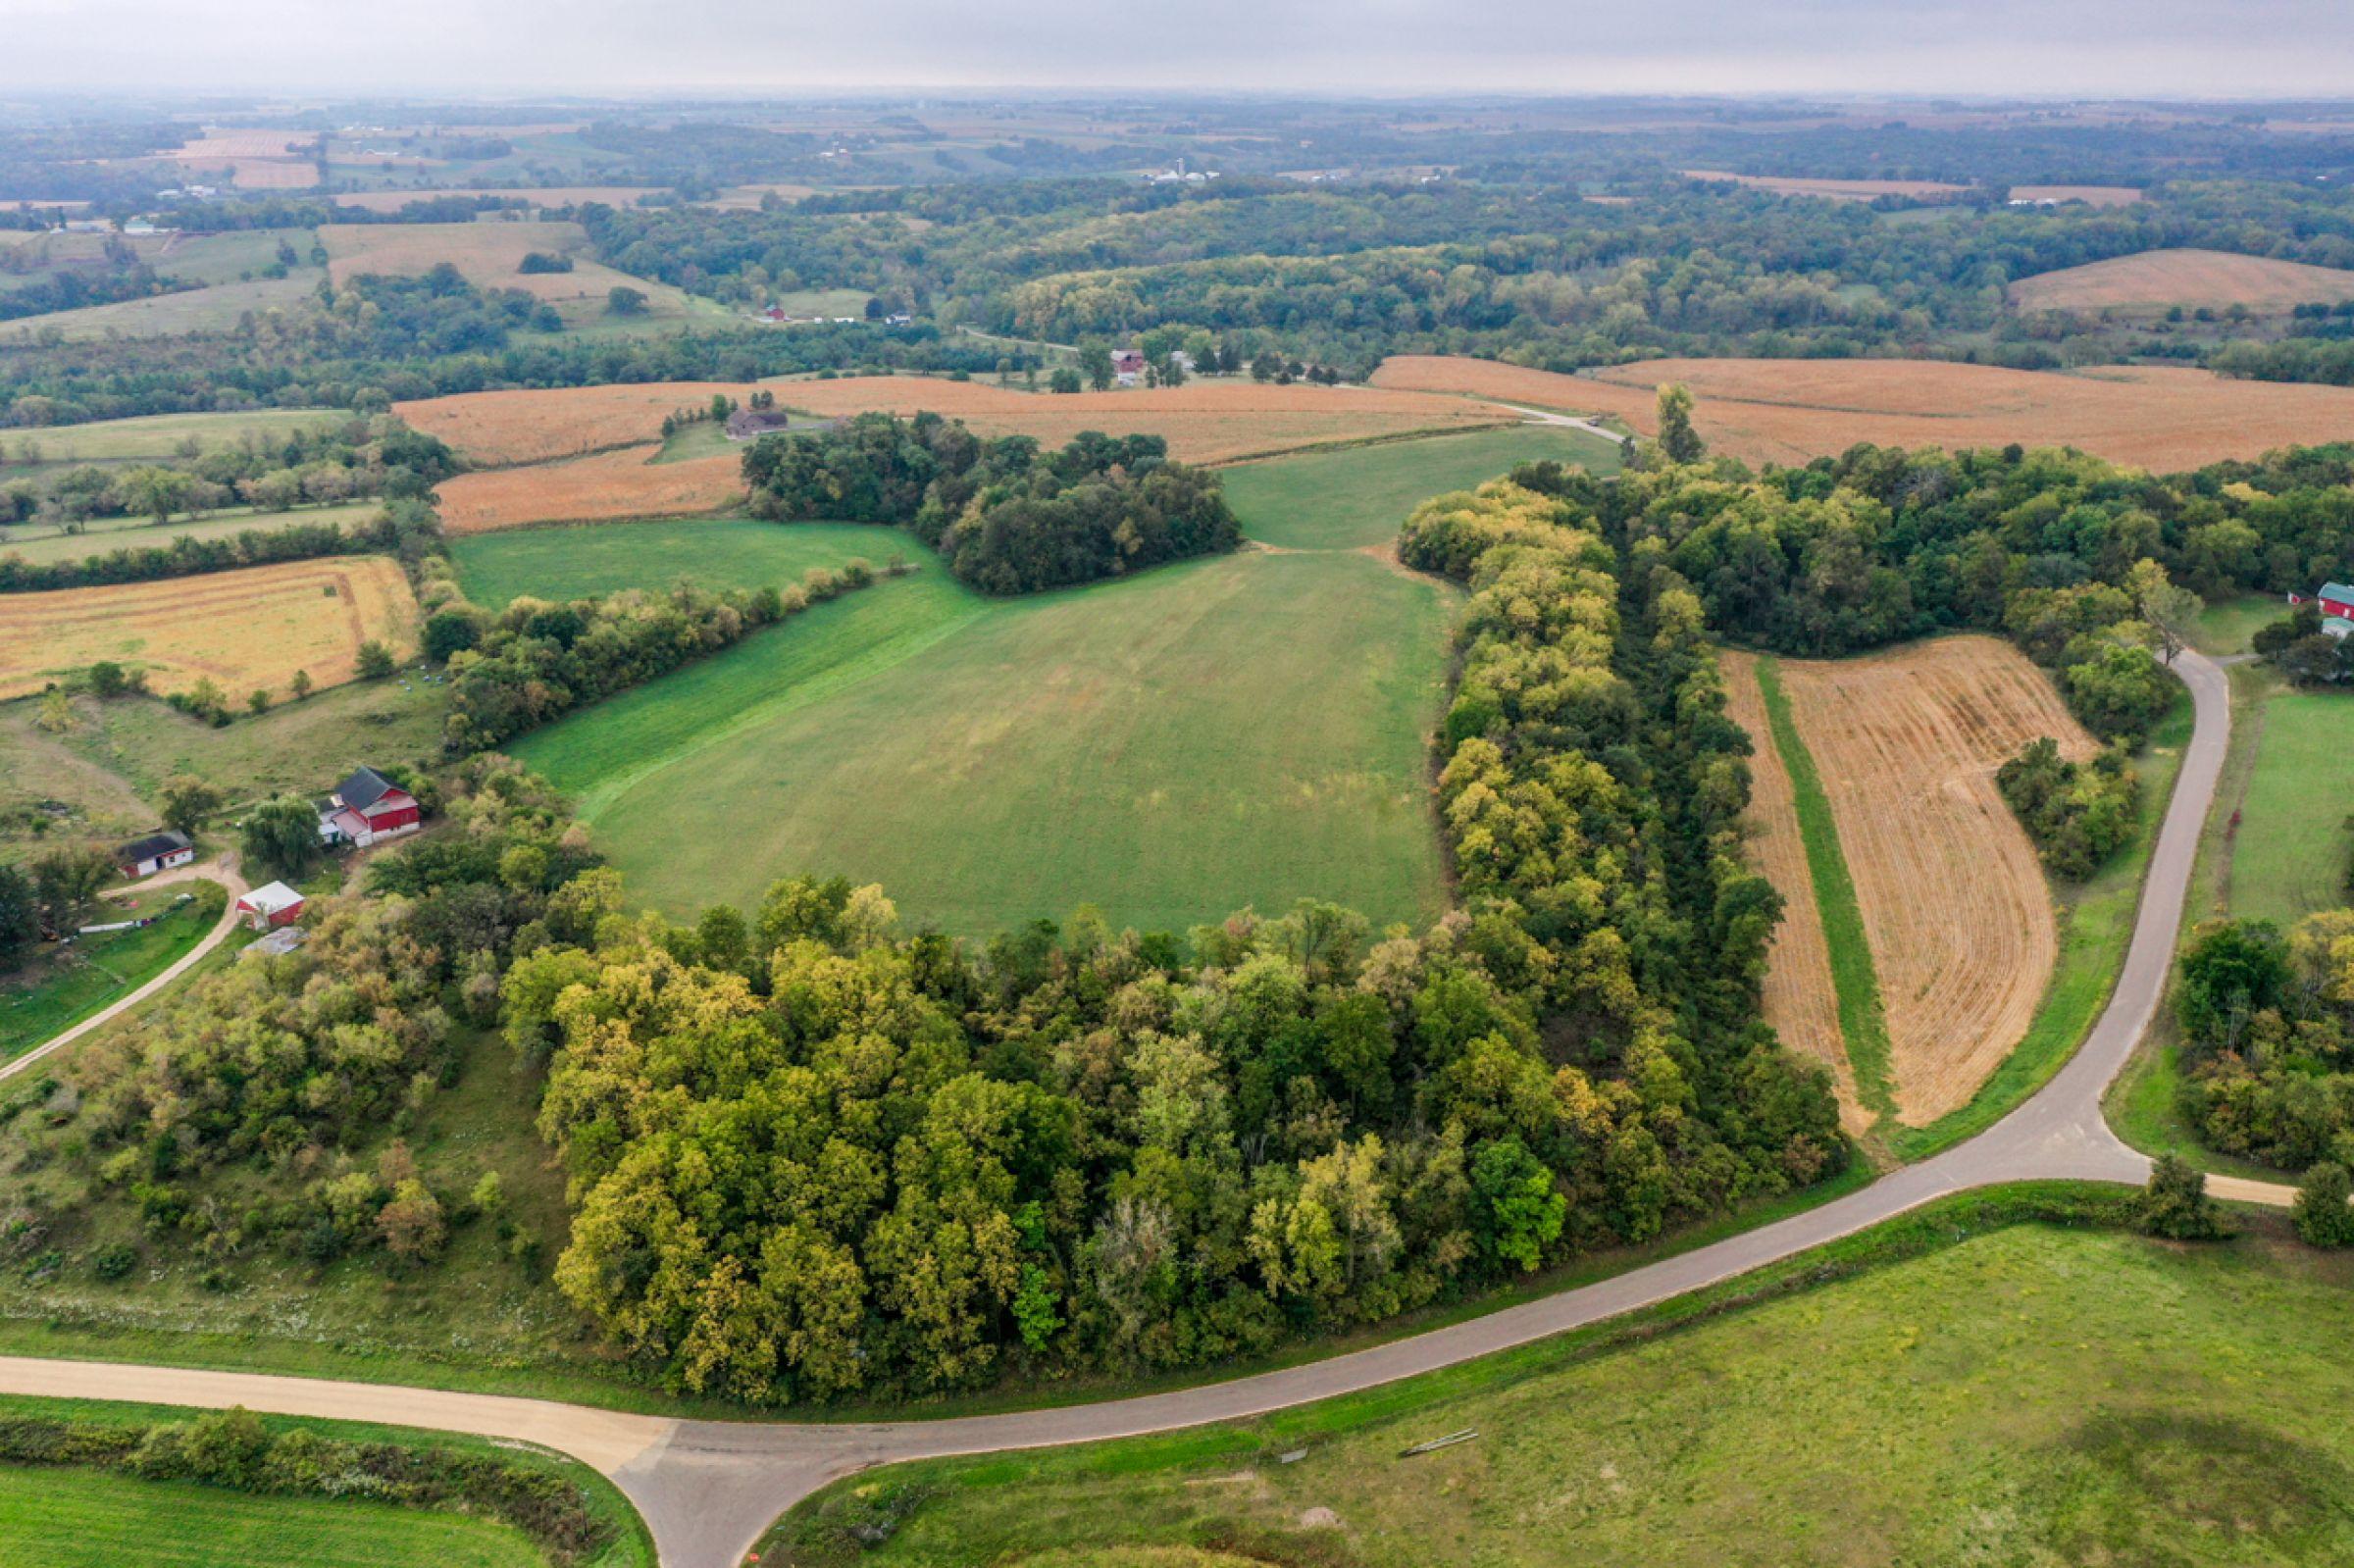 3-3320-apple-grove-church-road-argyle-53504-6-2021-09-21-154629.jpg